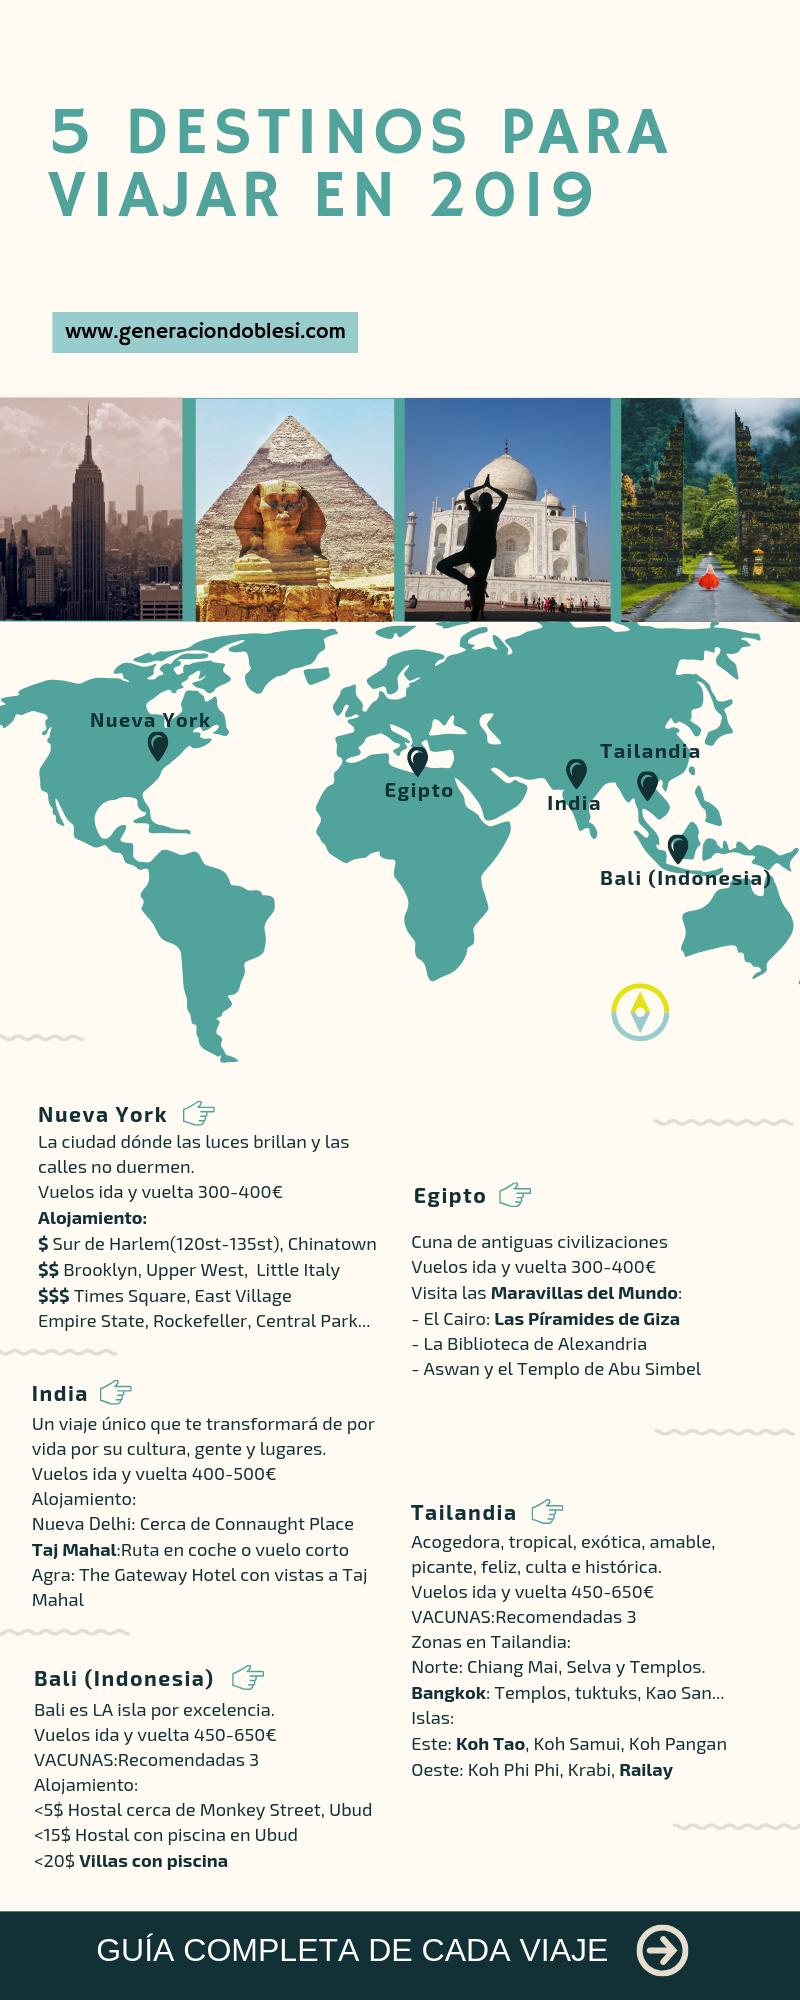 5 destinos para viajar en 2019